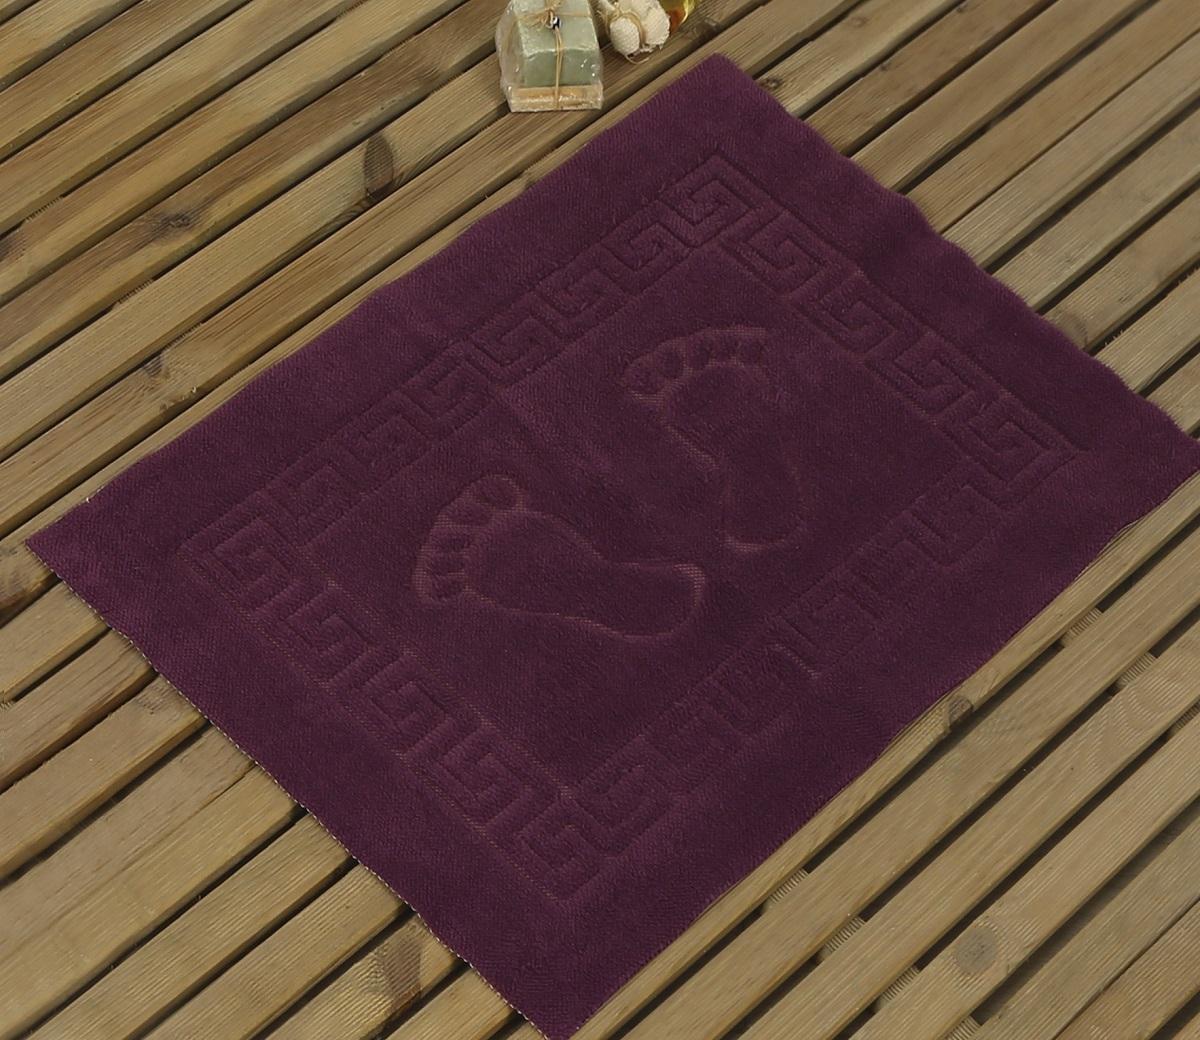 Коврик для ванной Karna Likya , цвет: фиолетовый, 50 х 70 см531-105Коврик печатный Karna сделан из 100% полиэстера. Полиэстер является синтетическим волокном. Ткань, полностью изготовленная из полиэстера, даже после увлажнения, очень быстро сохнет. Коврик из полиэстера практически не требователен к уходу и обладает высокой устойчивостью к износу.Коврик из полиэстера не мнётся и легко стирается, после стирки очень быстро высыхает. Материал очень прочный, за время использования не растягивается и не садится. А так же обладает высокой влагонепроницаемостью.Размер: 50 х 70 см.